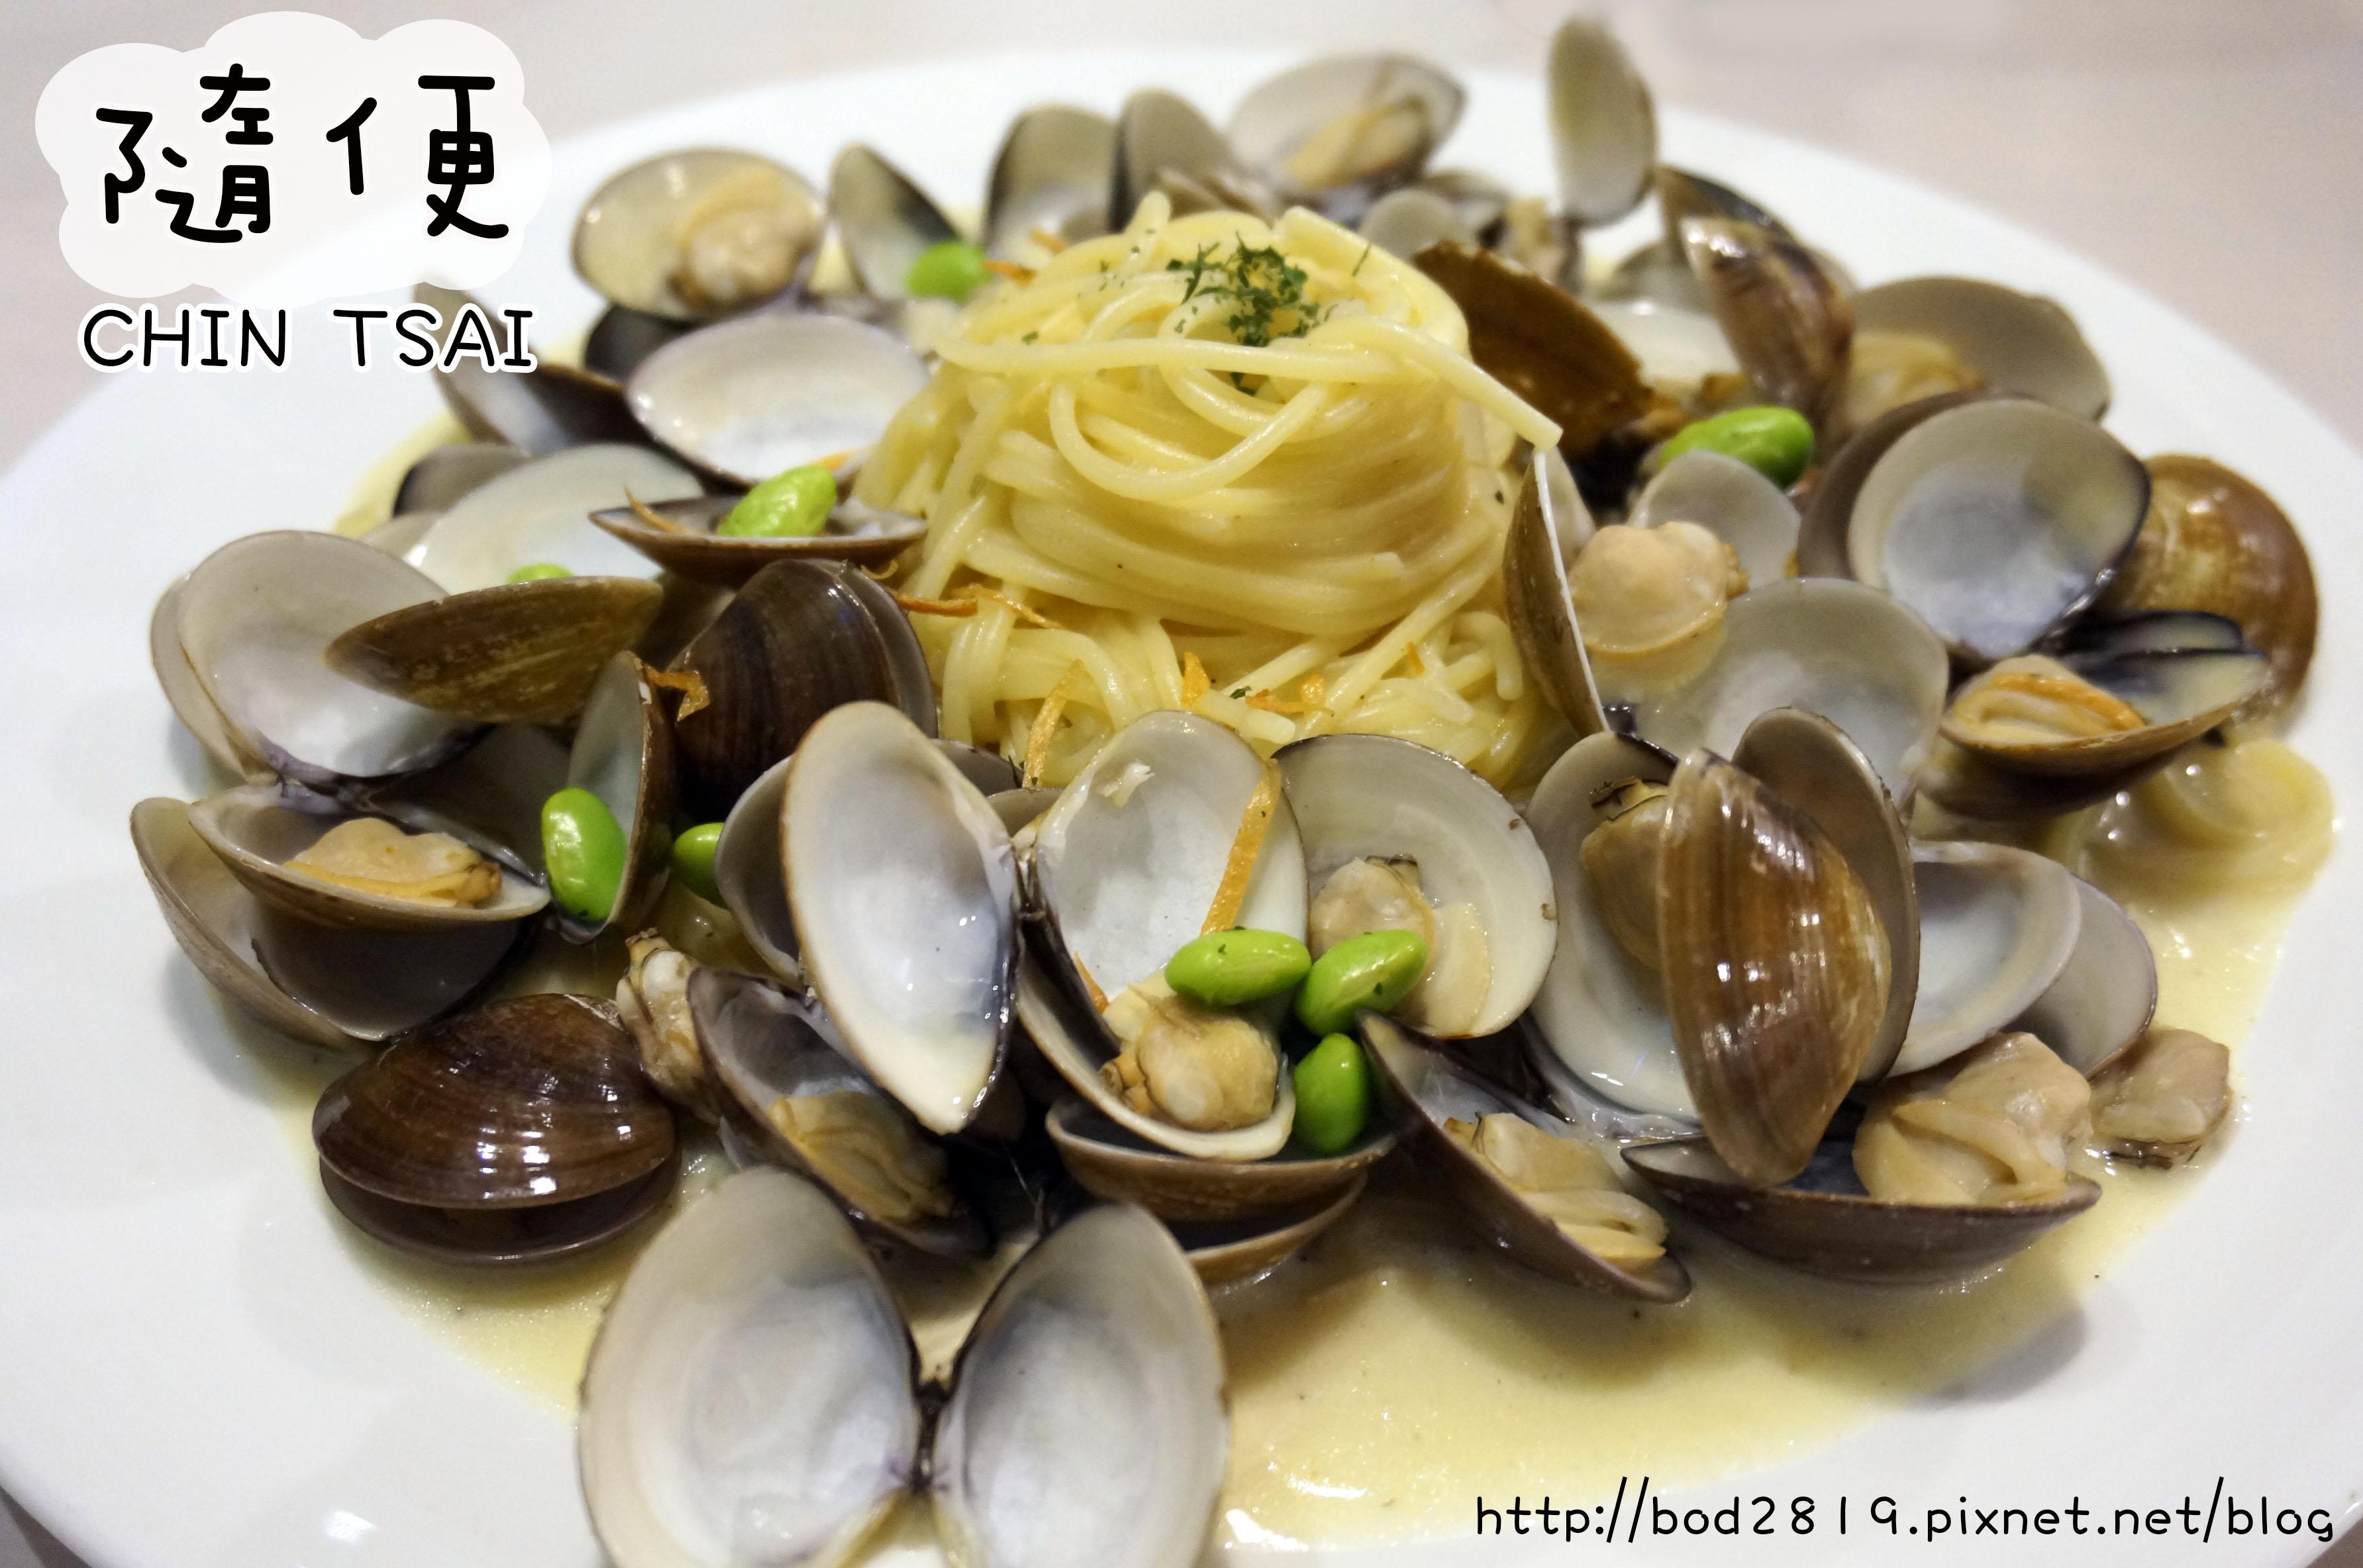 【熱血採訪】【台中西區】隨便 CHIN TSAI-爆炸多的蛤蜊,餐點一點都不隨便